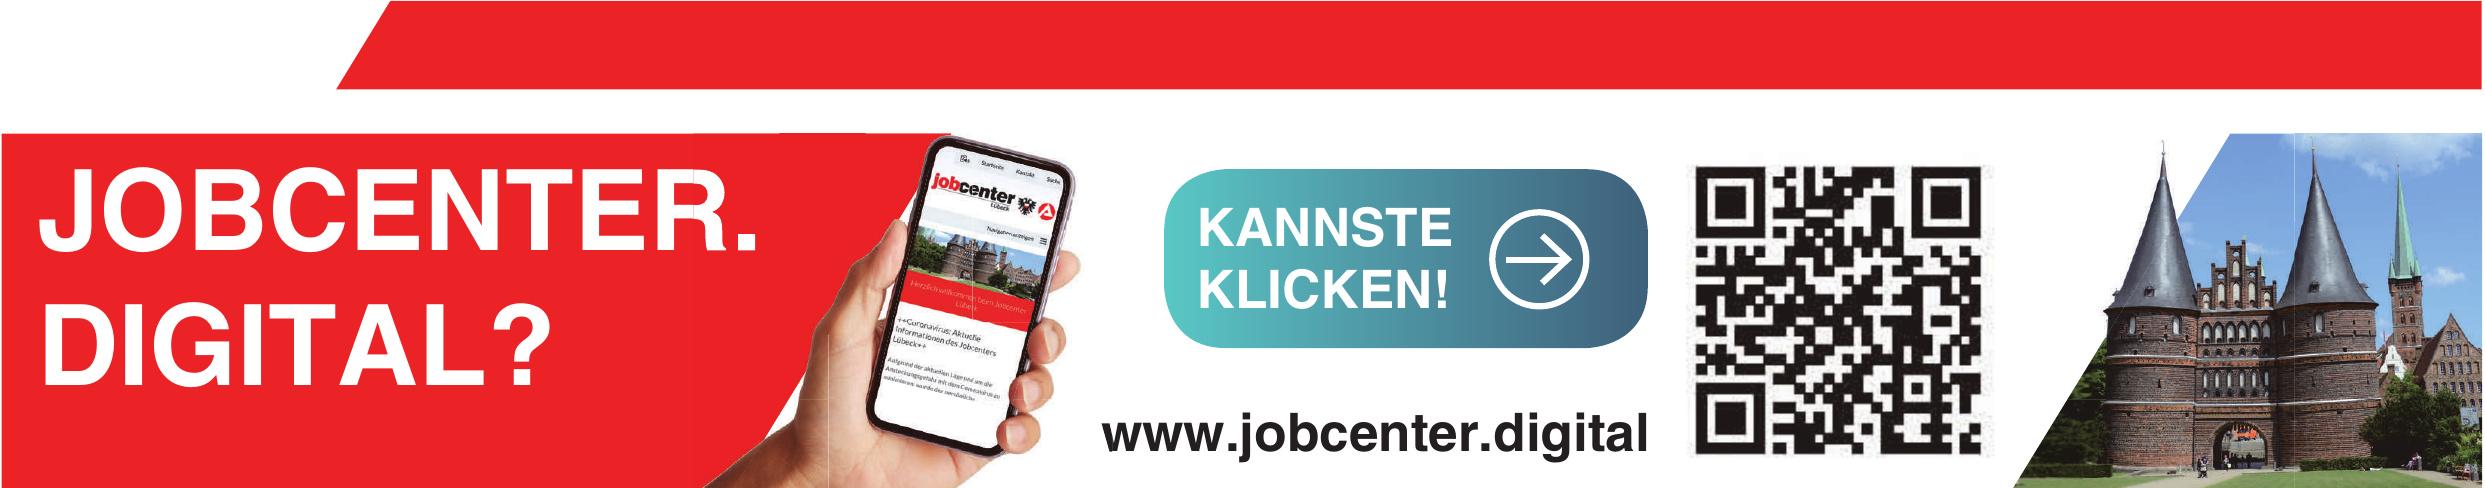 Jobcenter Digital